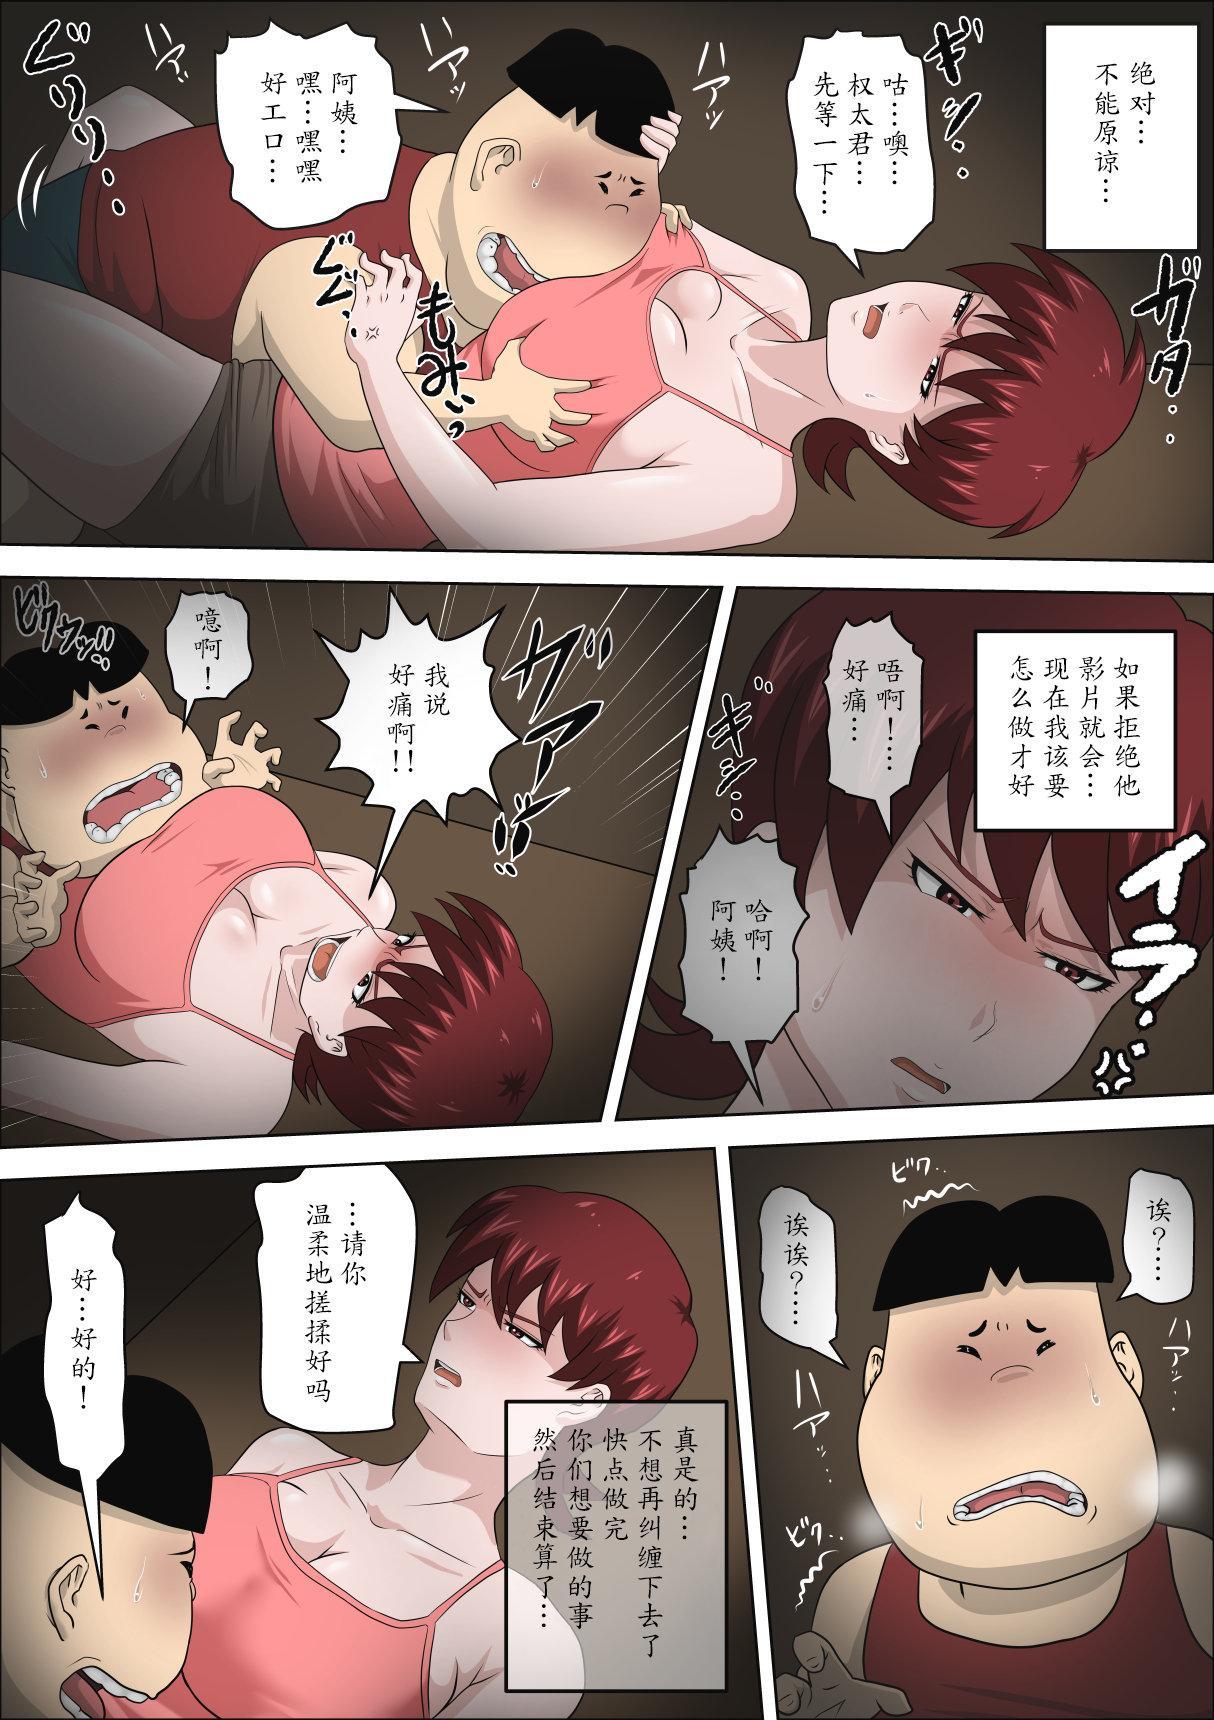 Musuko no Doukyuusei ni Makura Eigyou Monogatari 3 29